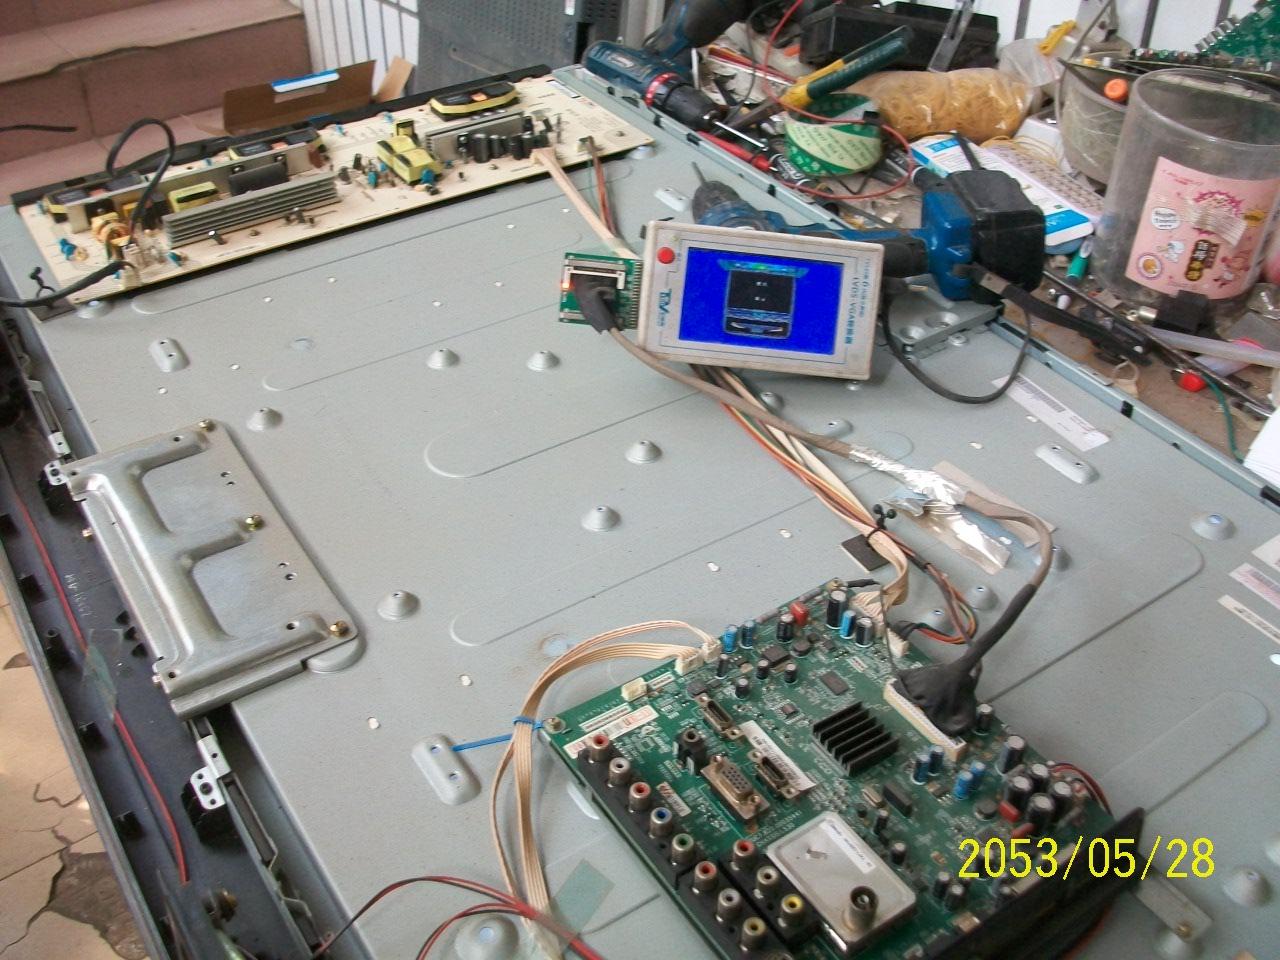 長虹42寸の液晶テレビの電源LT42630FX高圧板R-HS180P-3HF01